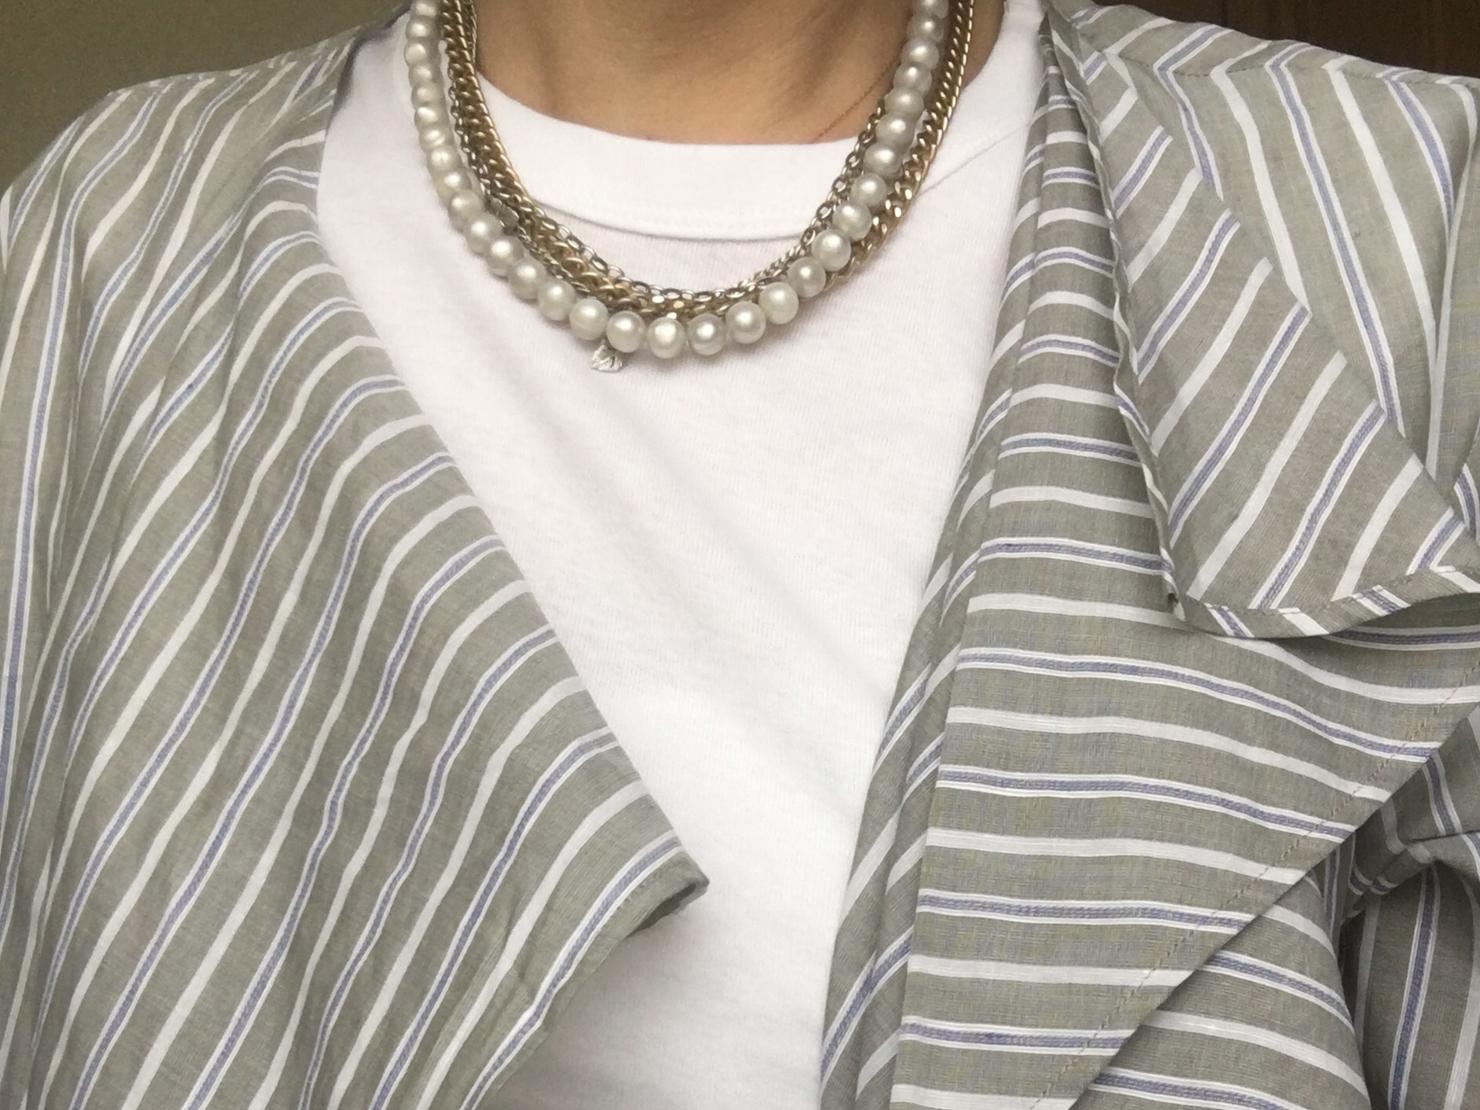 無印良品の白Tシャツとハスナのネックレスをクリスタセヤのシャツに合わせた写真